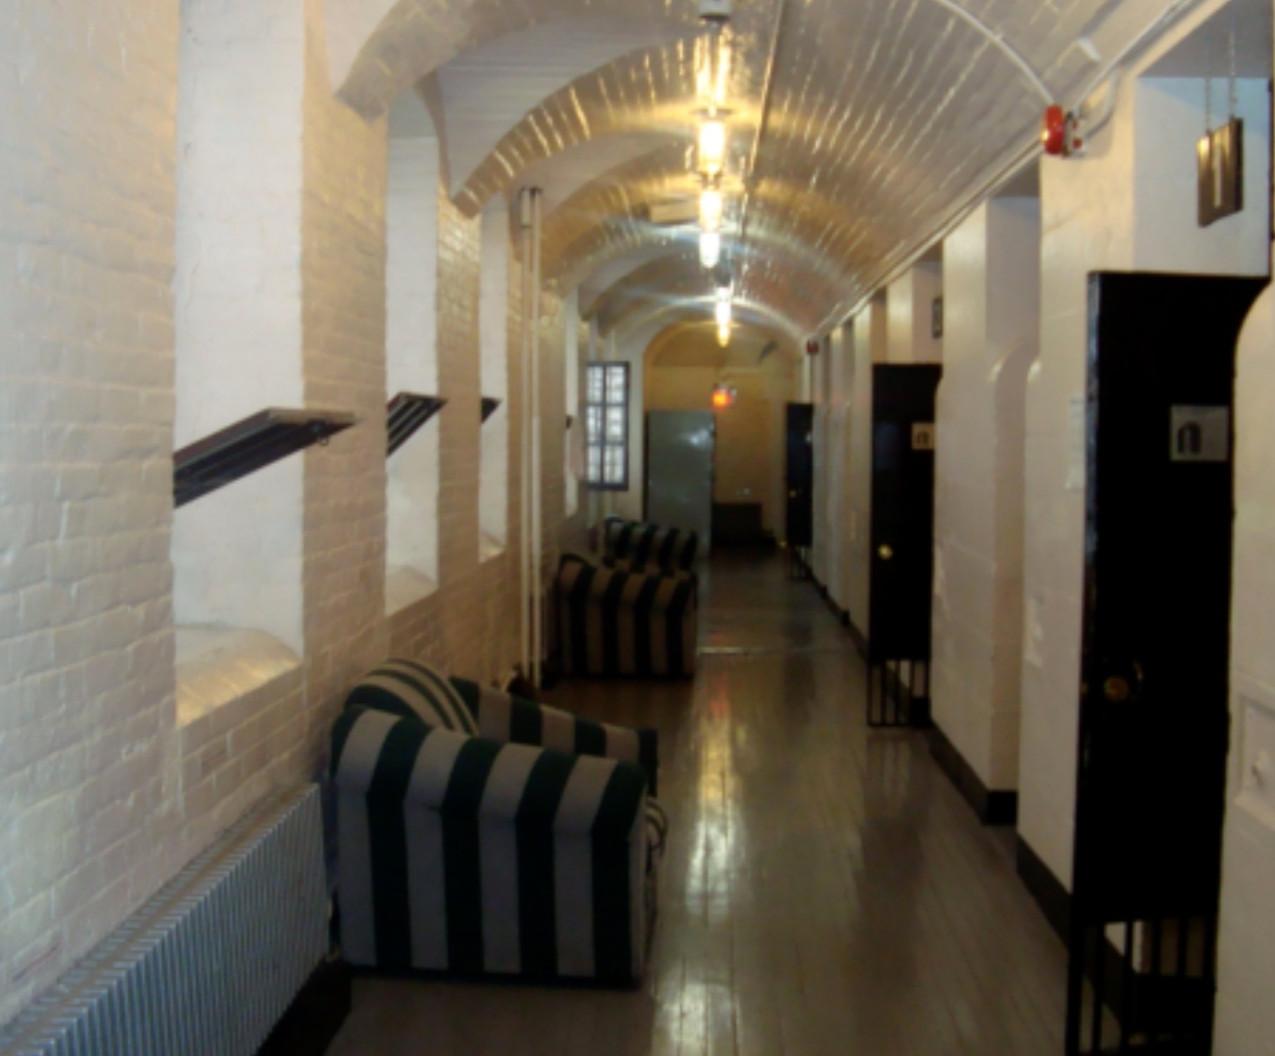 Pasillo HI Hostel Ottawa - De Viaje con Armando